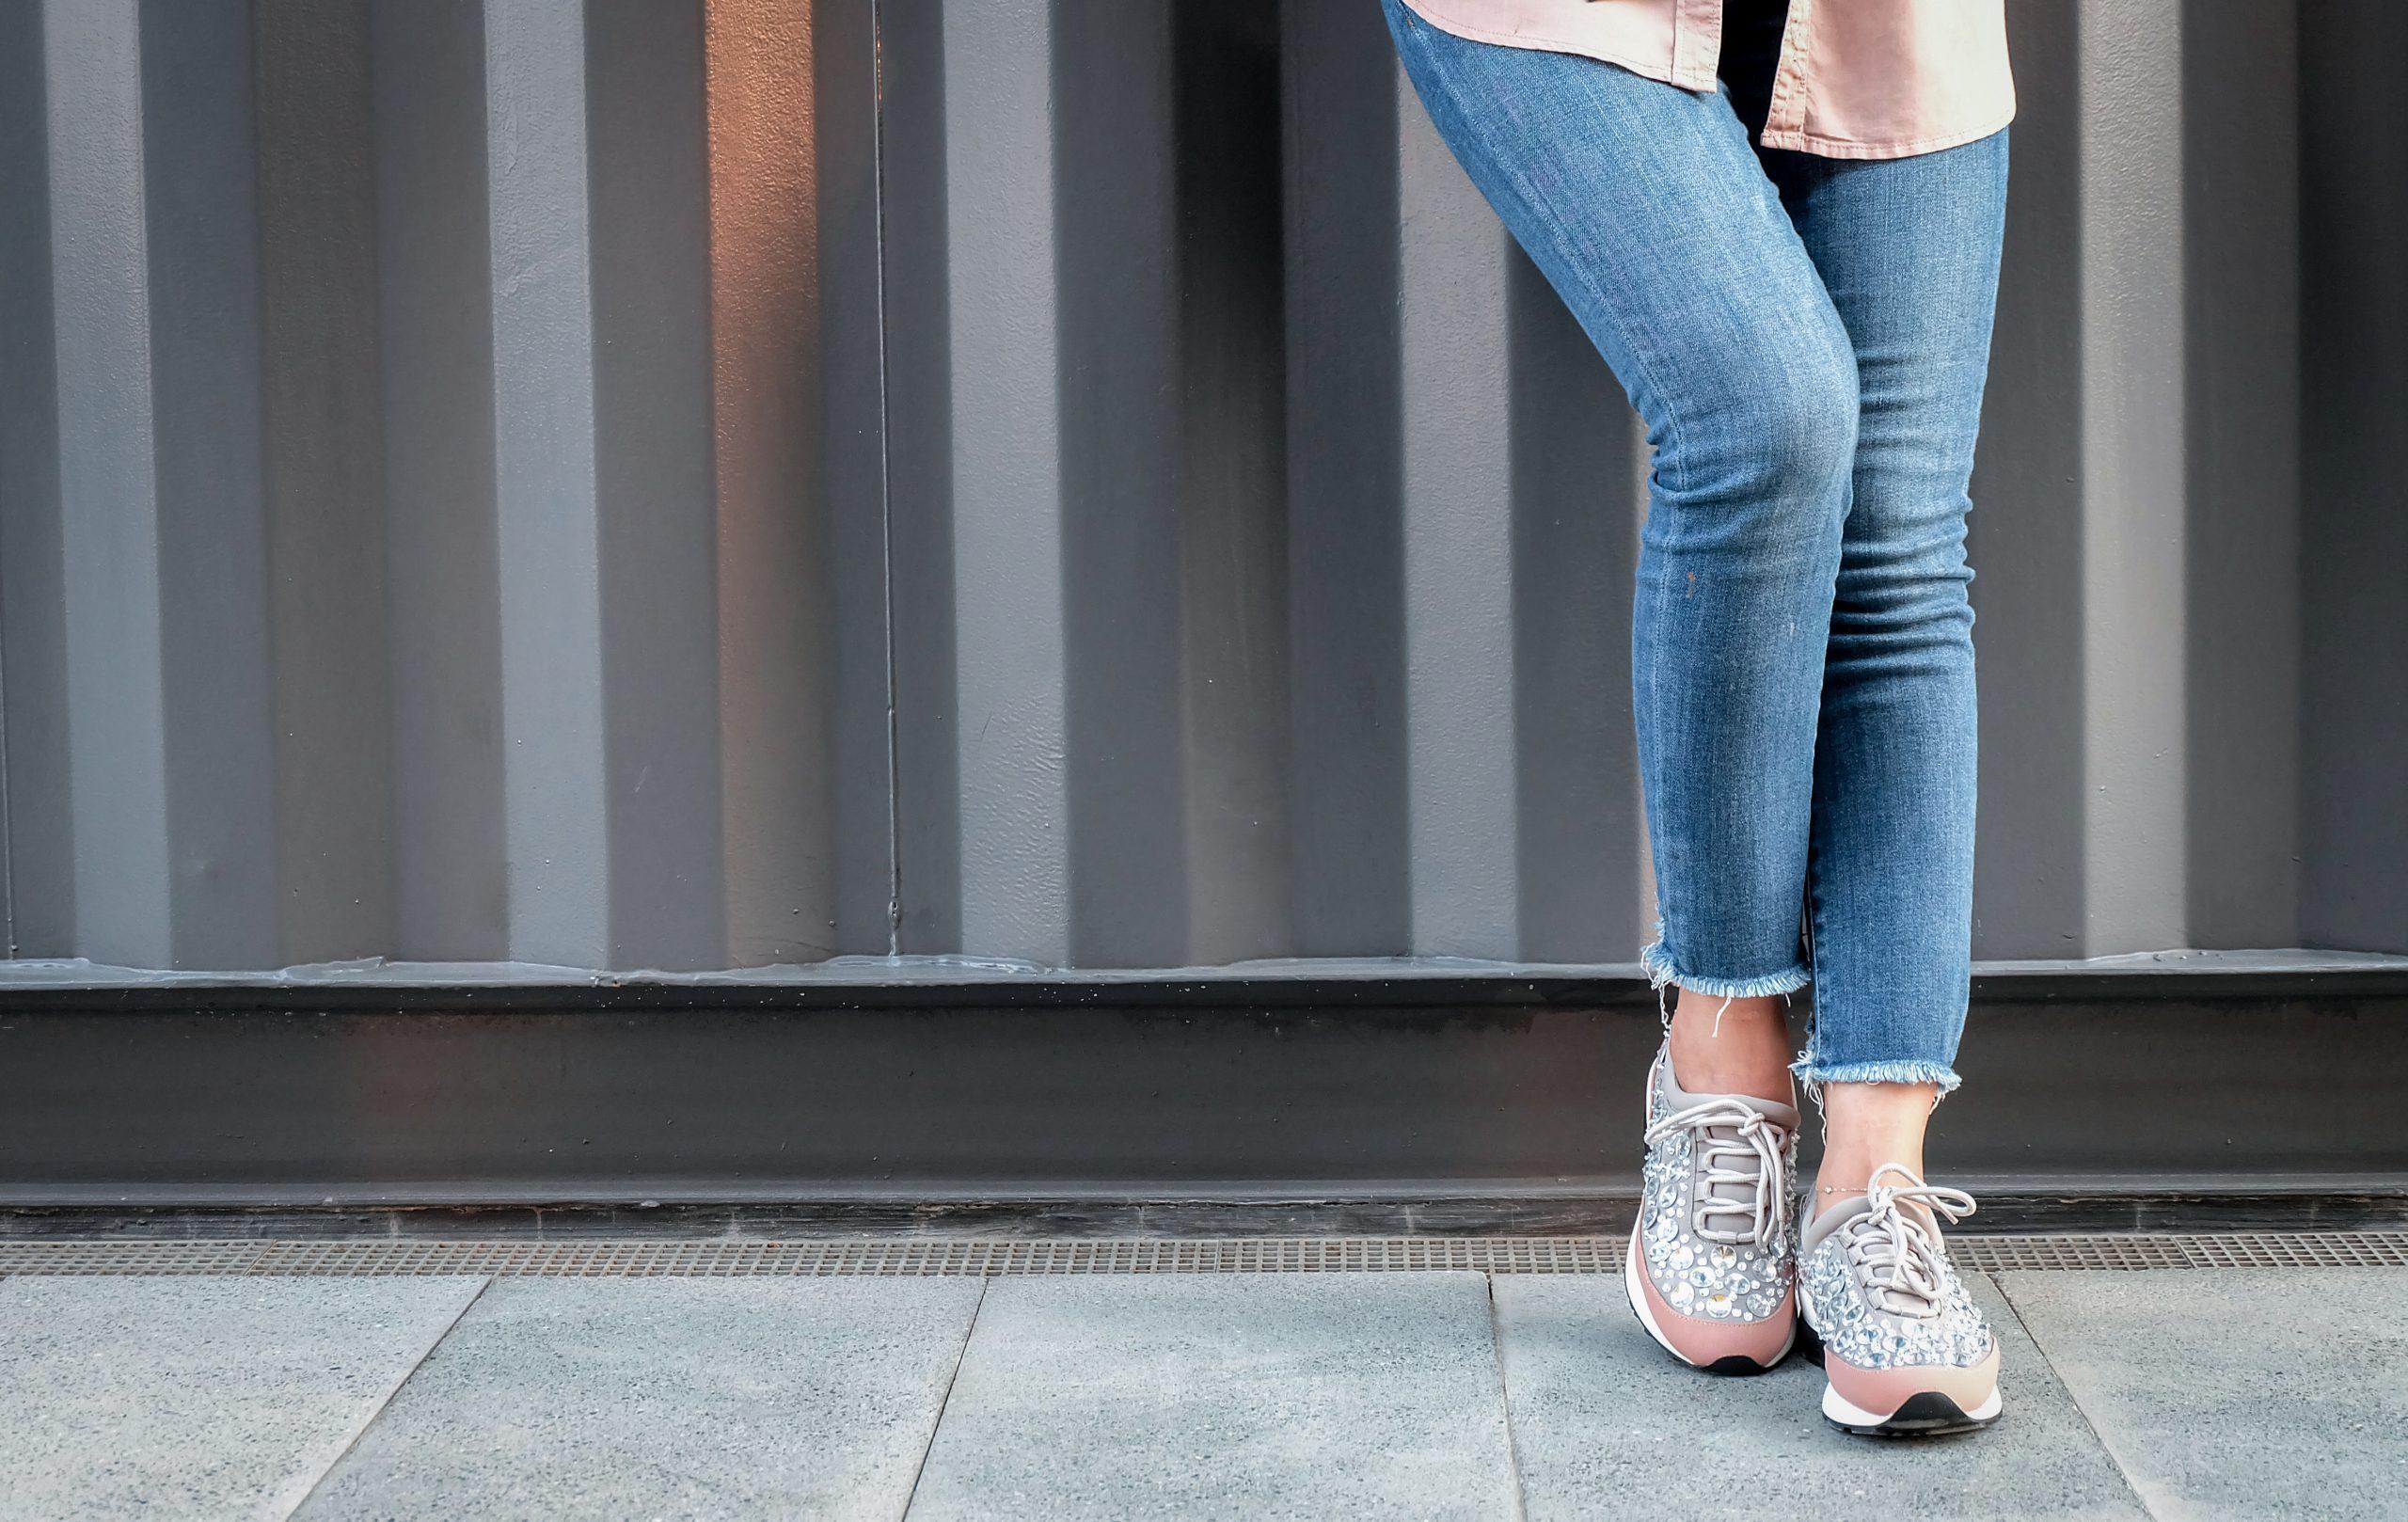 kvinnliga ben med korta jeans och gympaskor